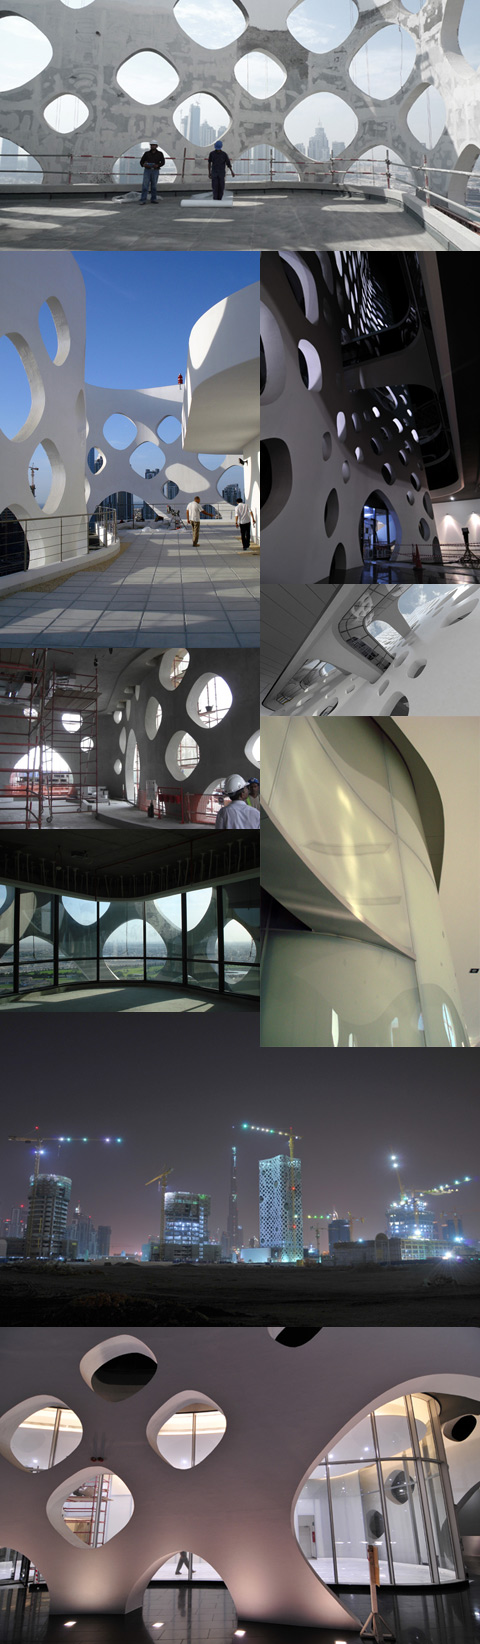 O-14, RUR Architecture